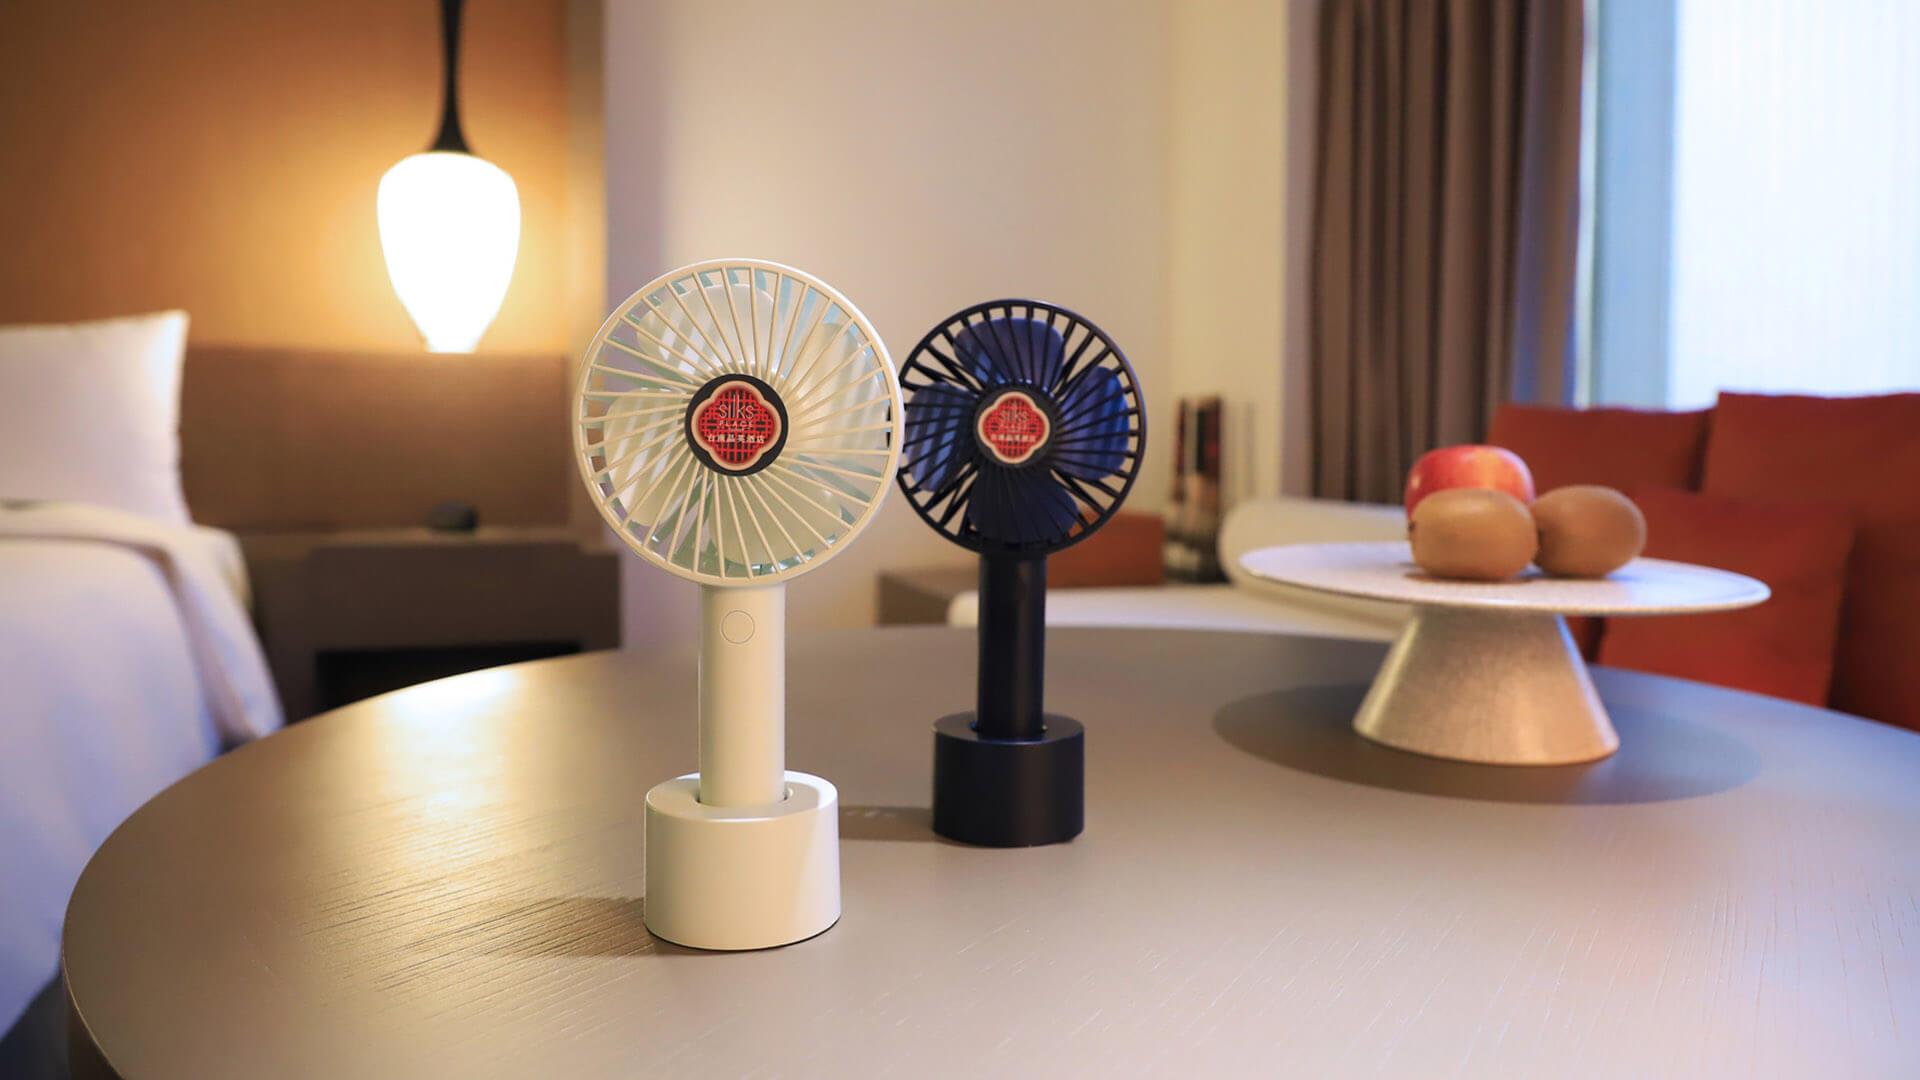 「艾美特」聯名推出六週年限定款USB手持迷你靜音小風扇(圖/台南晶英酒店提供)